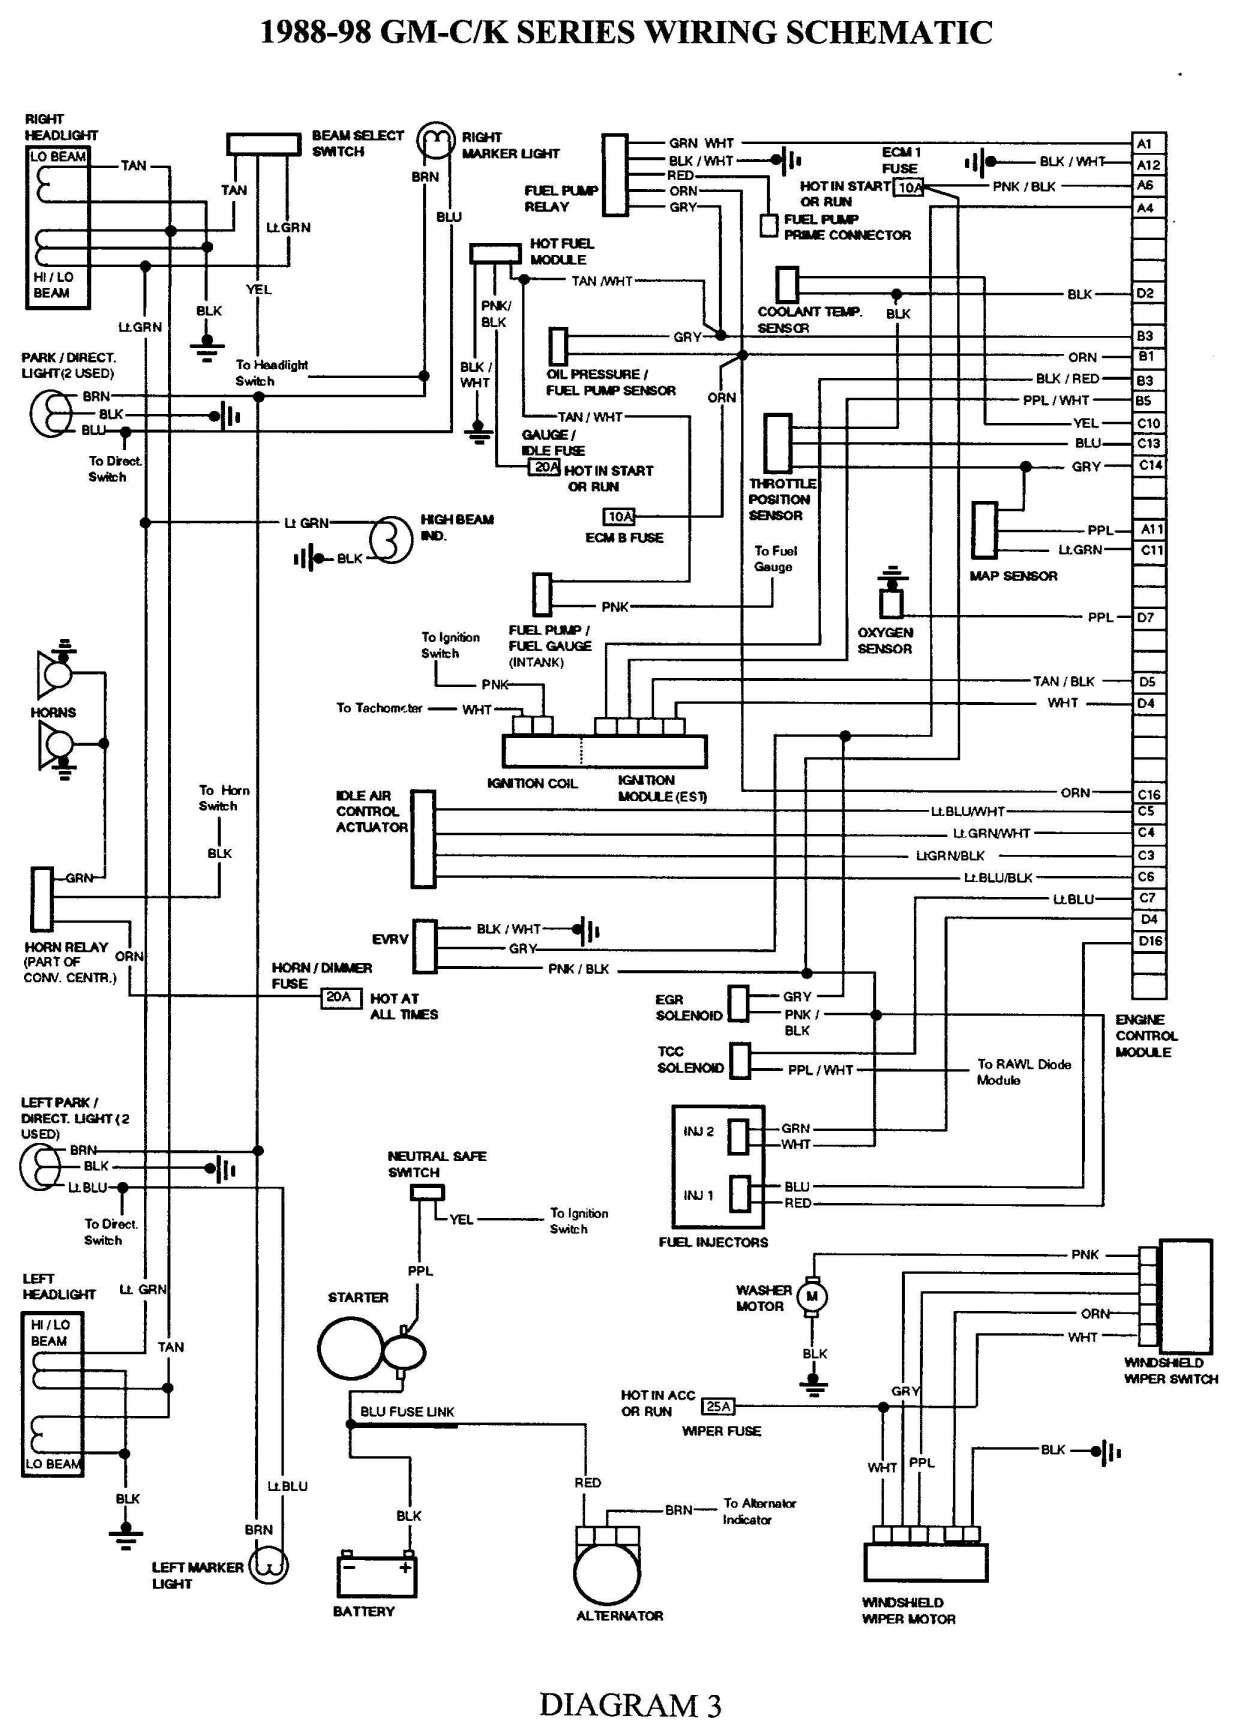 15 93 Chevy Truck Wiring Diagram Truck Diagram Wiringg Net Cableado Electrico Auto Electrico Chevrolet Silverado